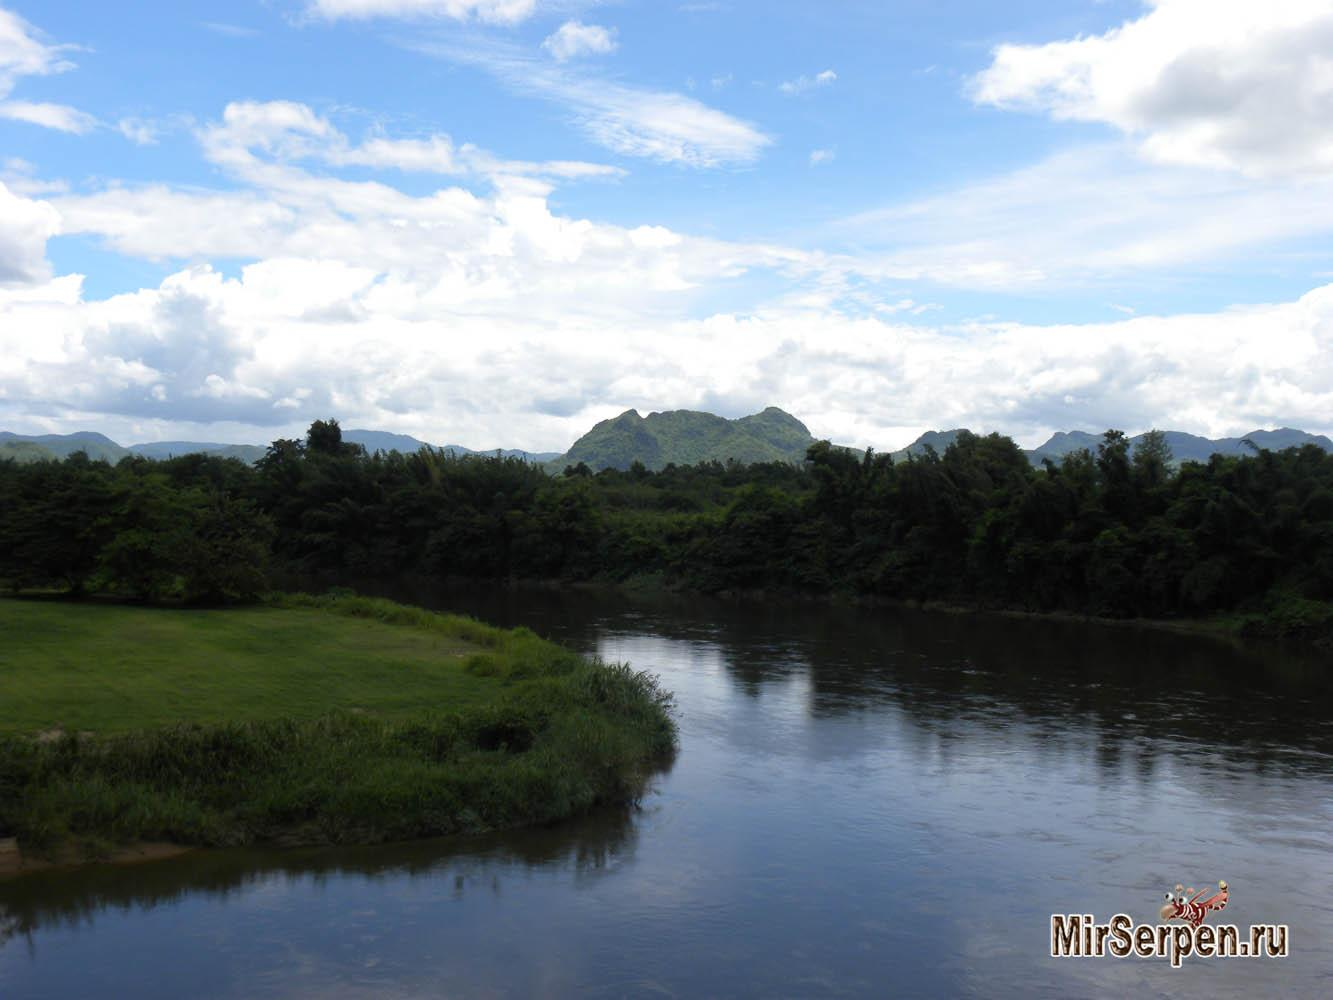 Таиланд: осторожно - сырая вода